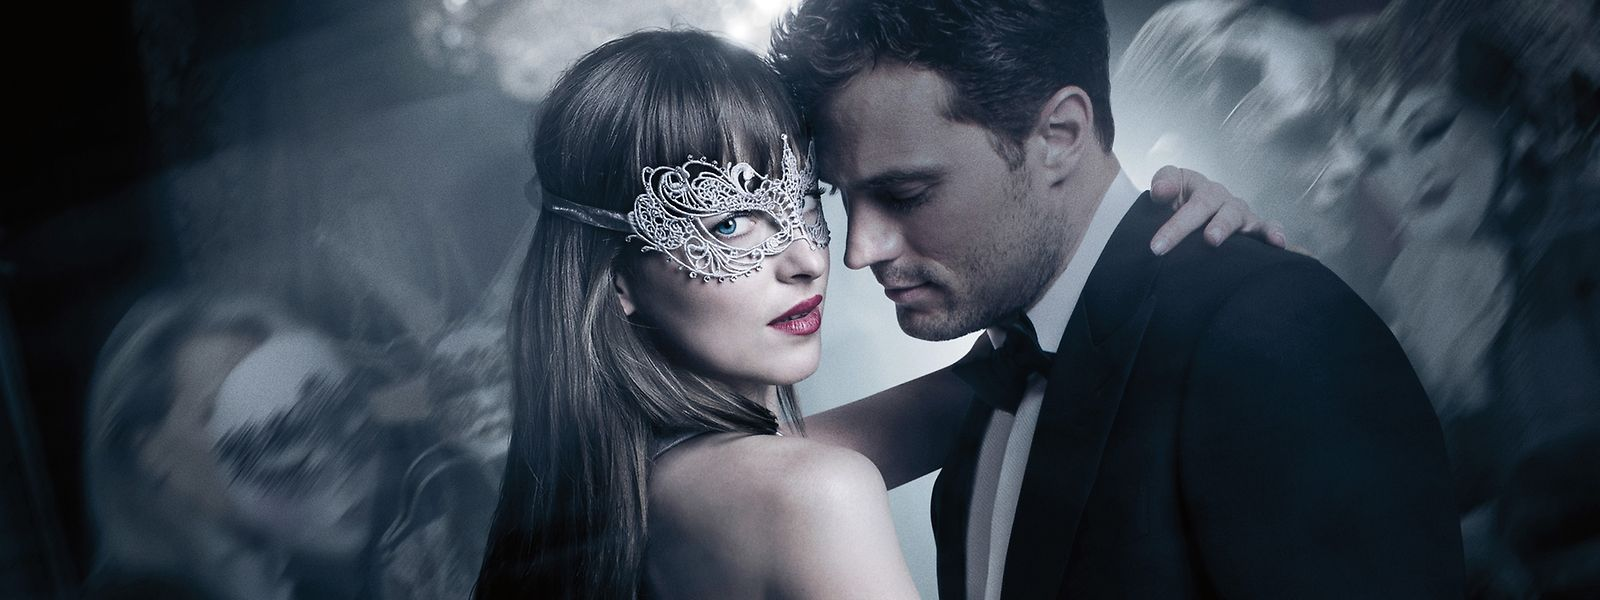 Vá, tira a máscara que já não é São Valentim